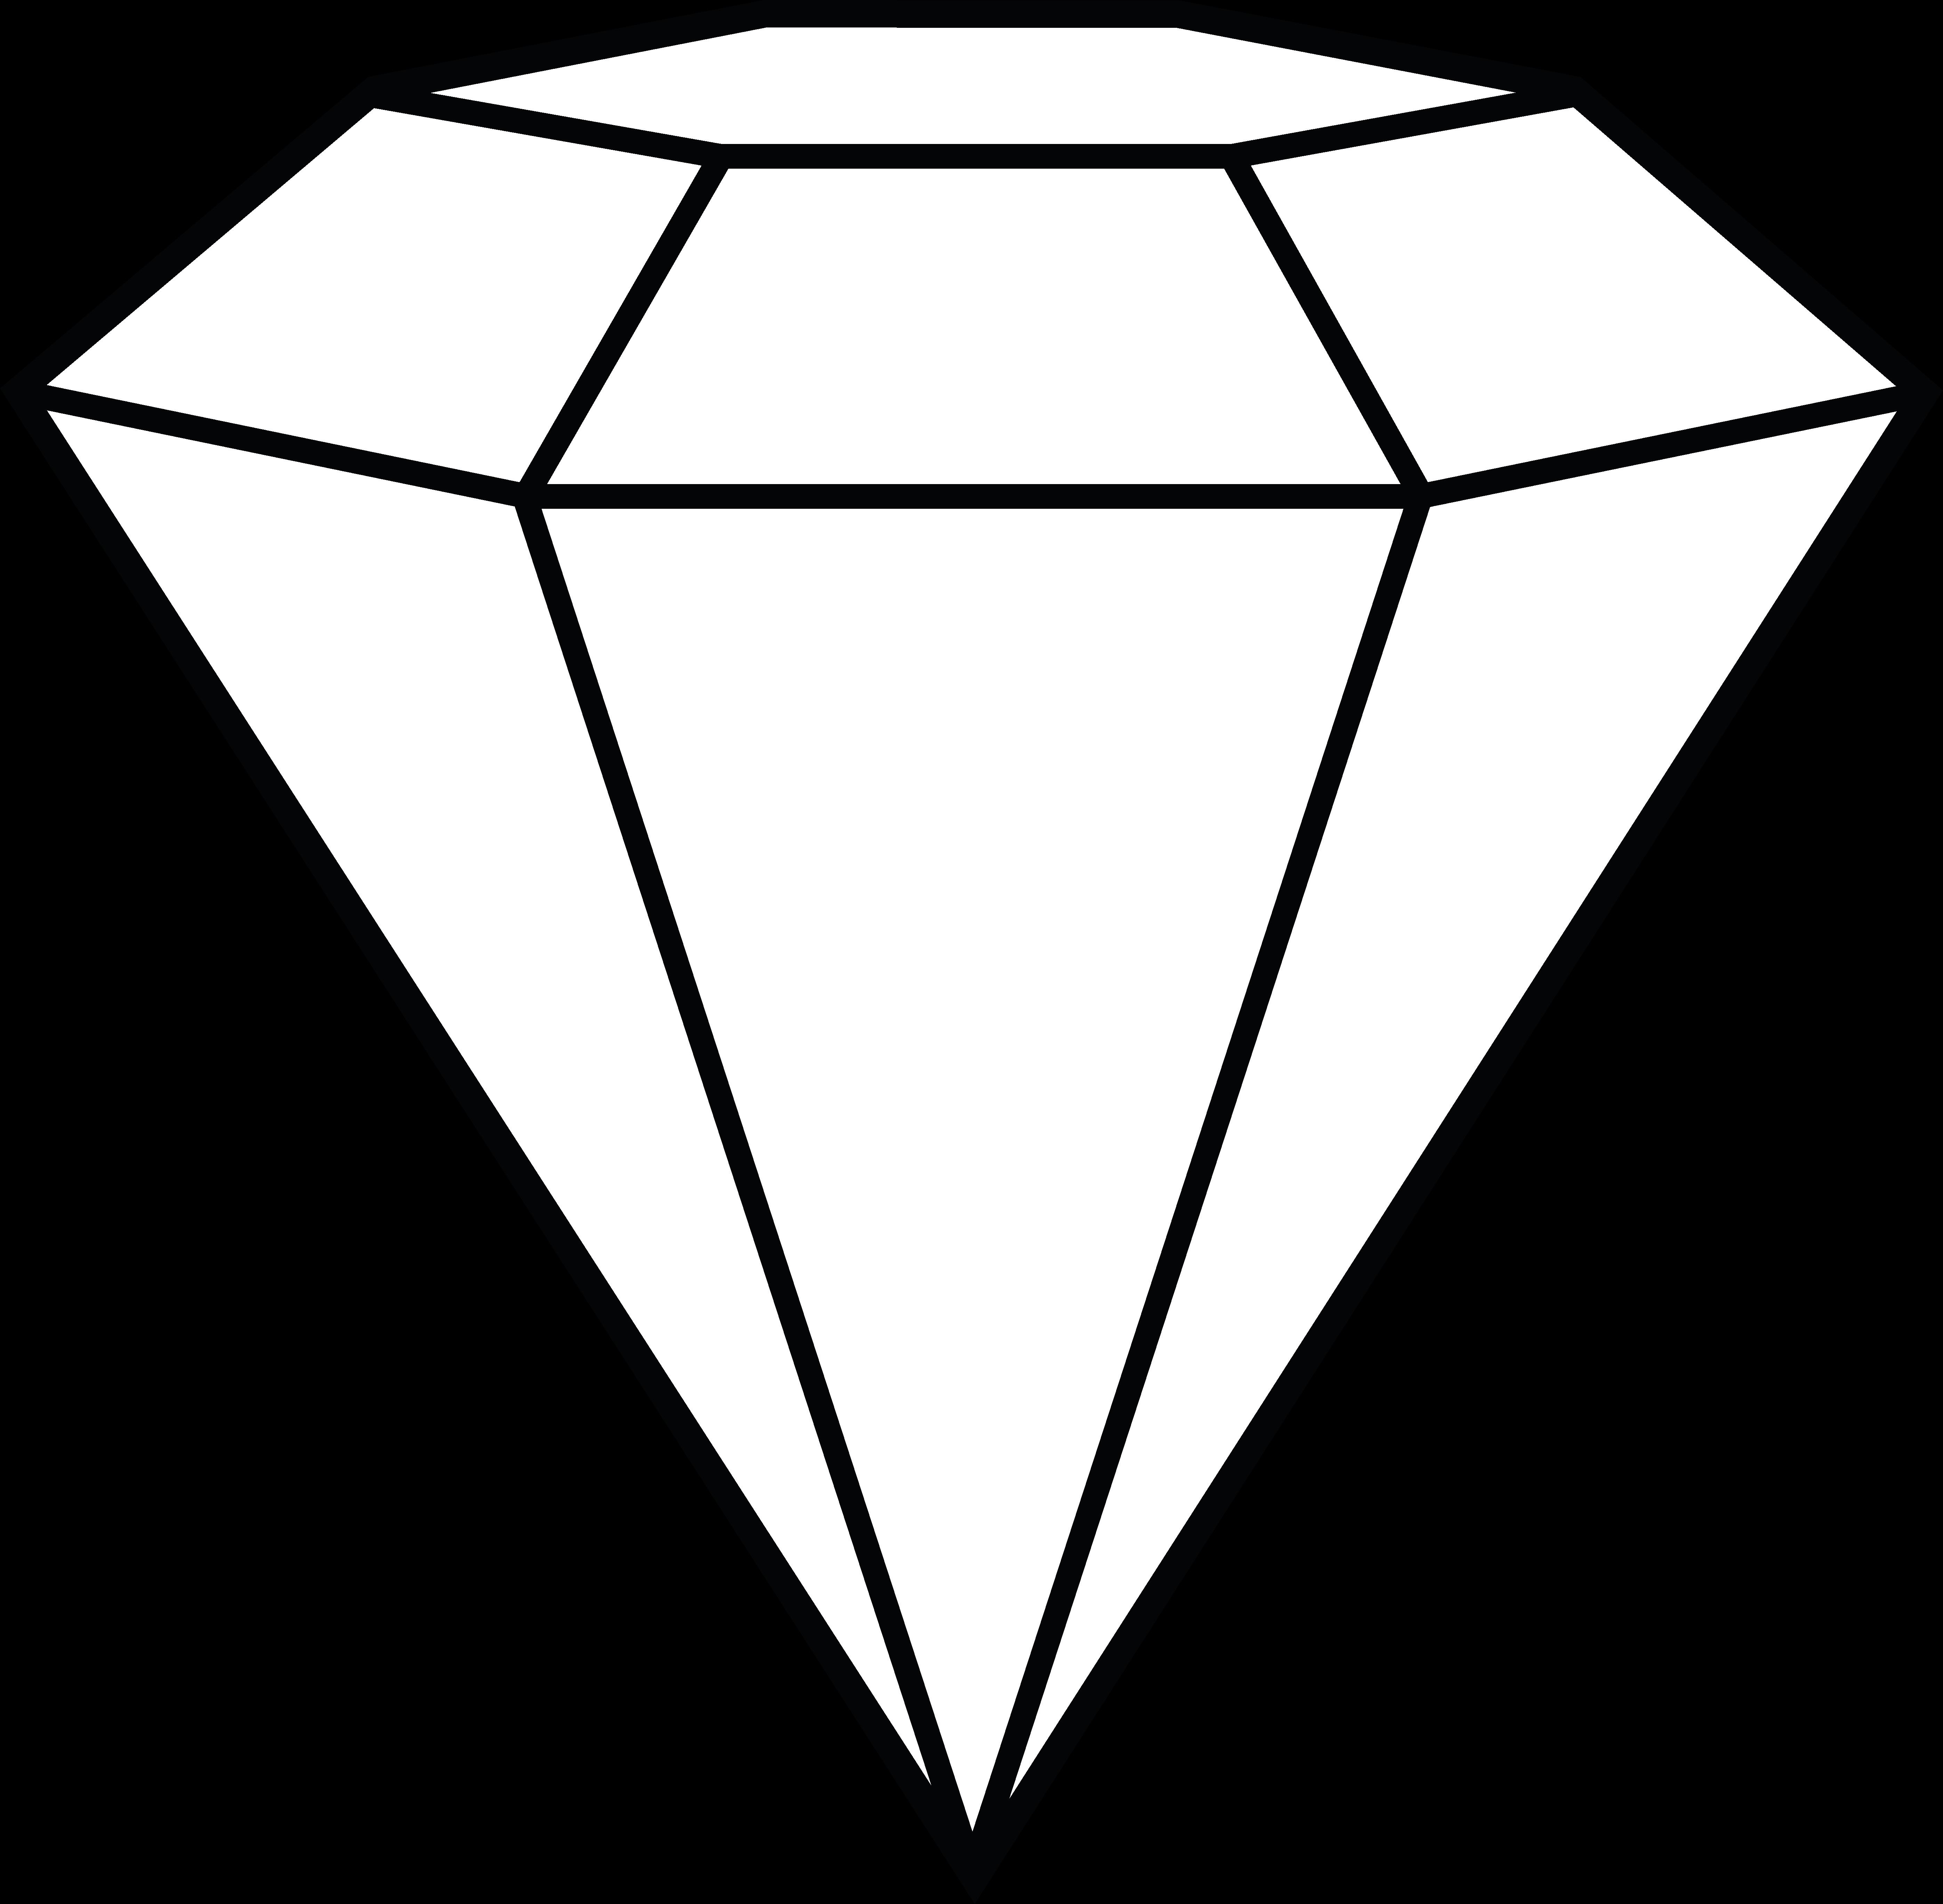 Diamond clipart yellow diamond. Jokingart com black